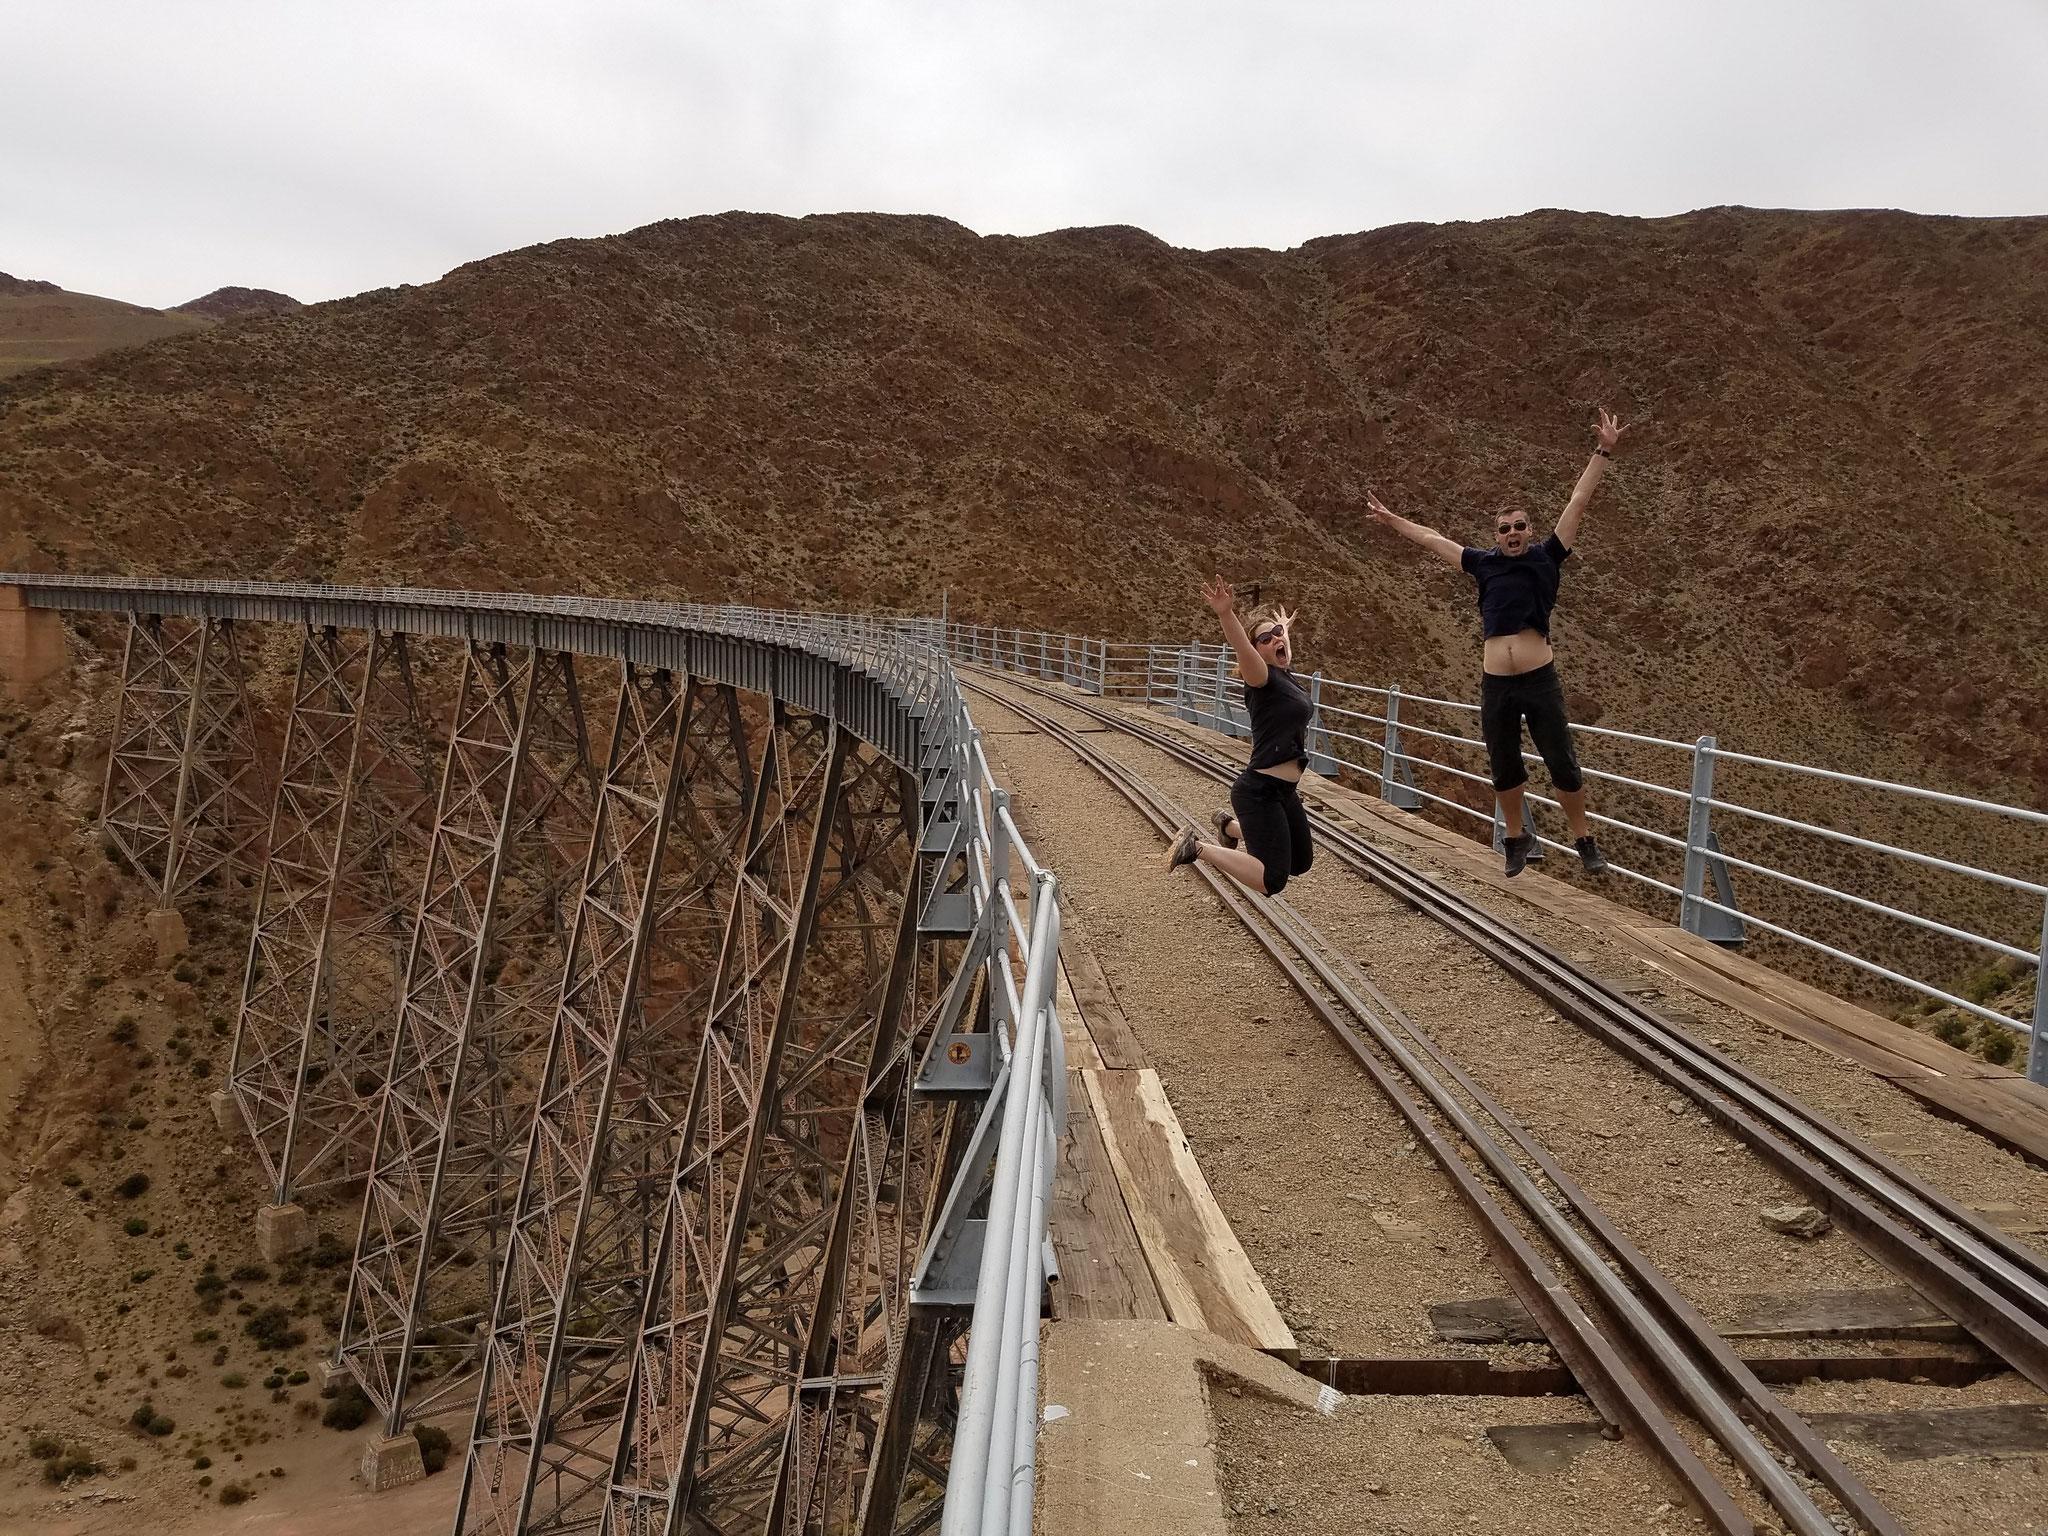 Viaducto la Polvortilla auf 4200 Meter ü.M. (der Zug fährt übrigens nur 2-mal wöchentlich)